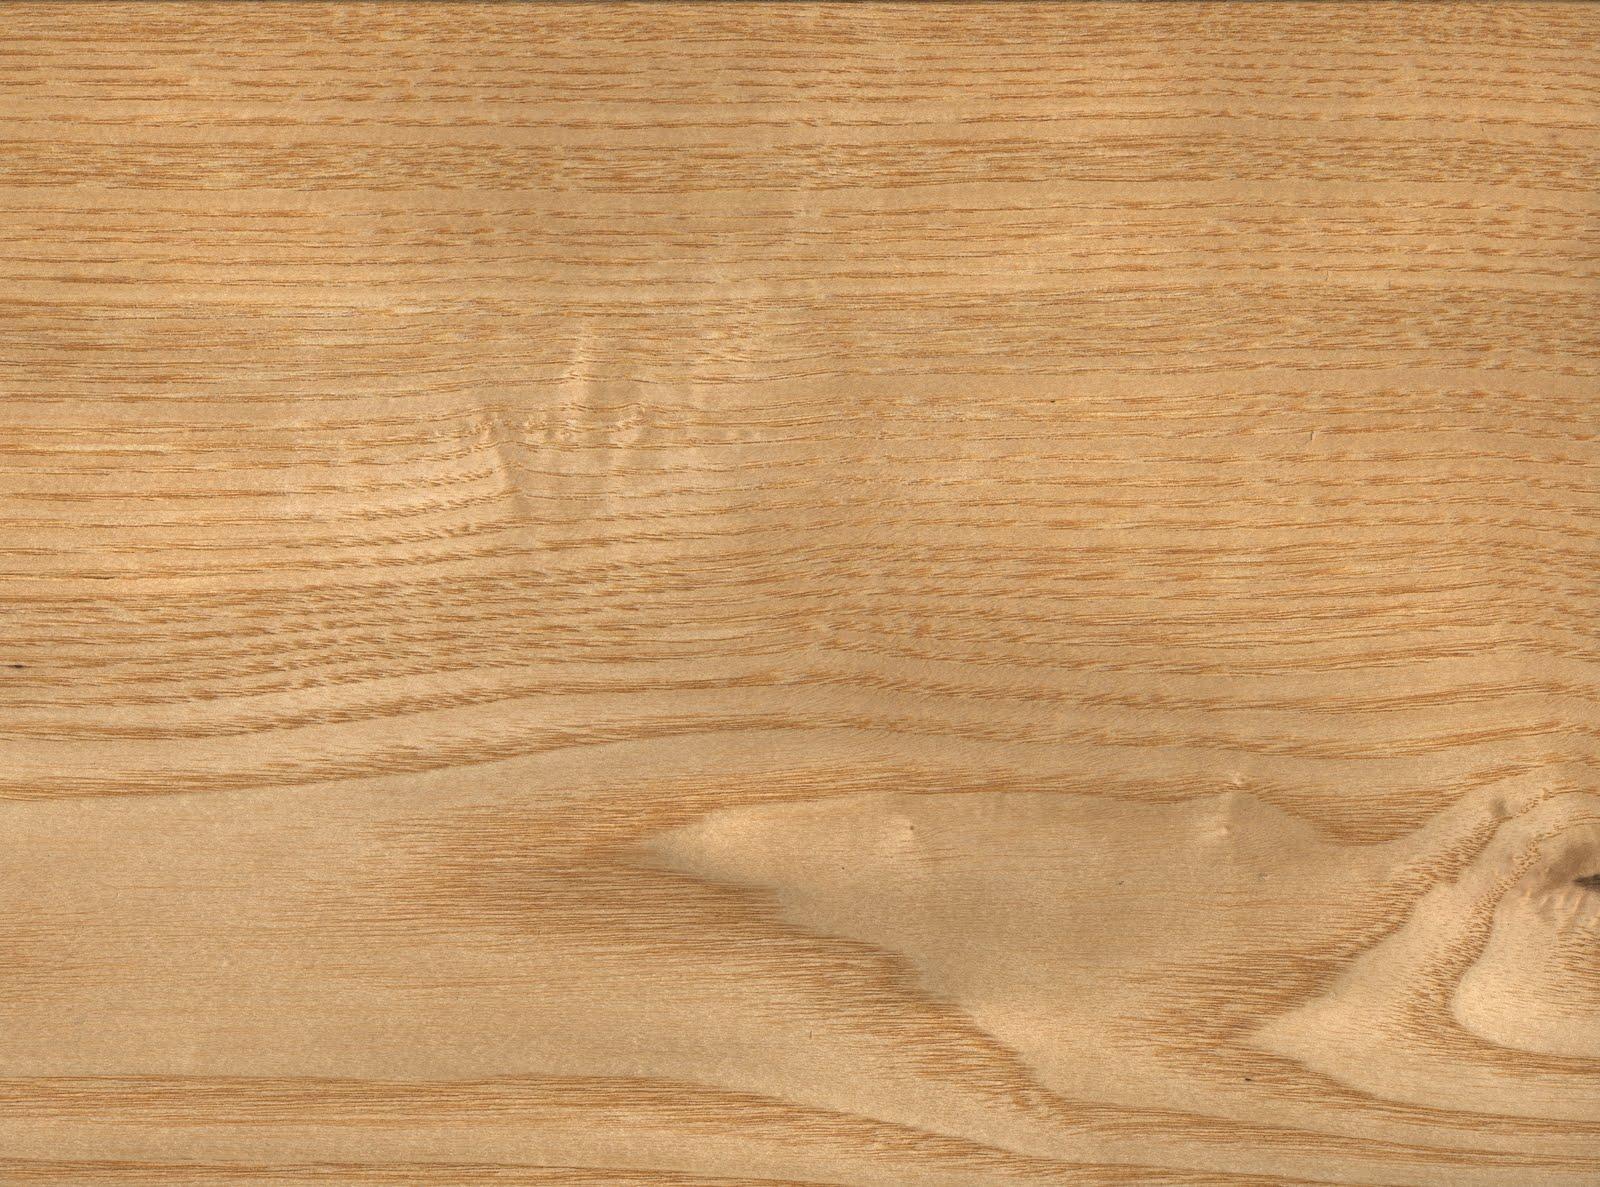 Roble tarimas de madera maderas casais materiales de - Precio madera roble ...